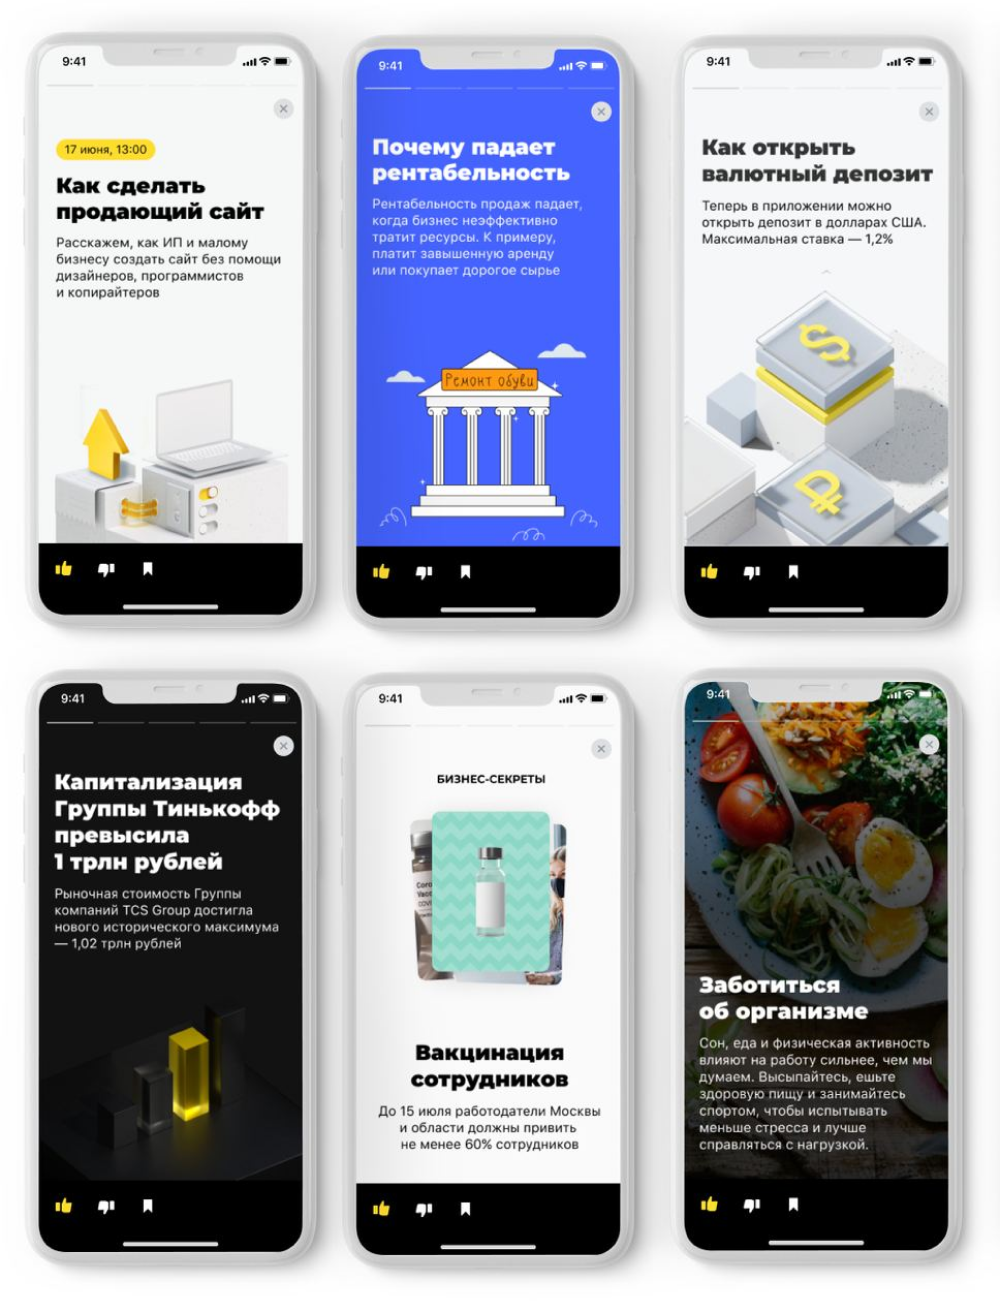 Примеры сторис в мобильном приложении длябизнеса